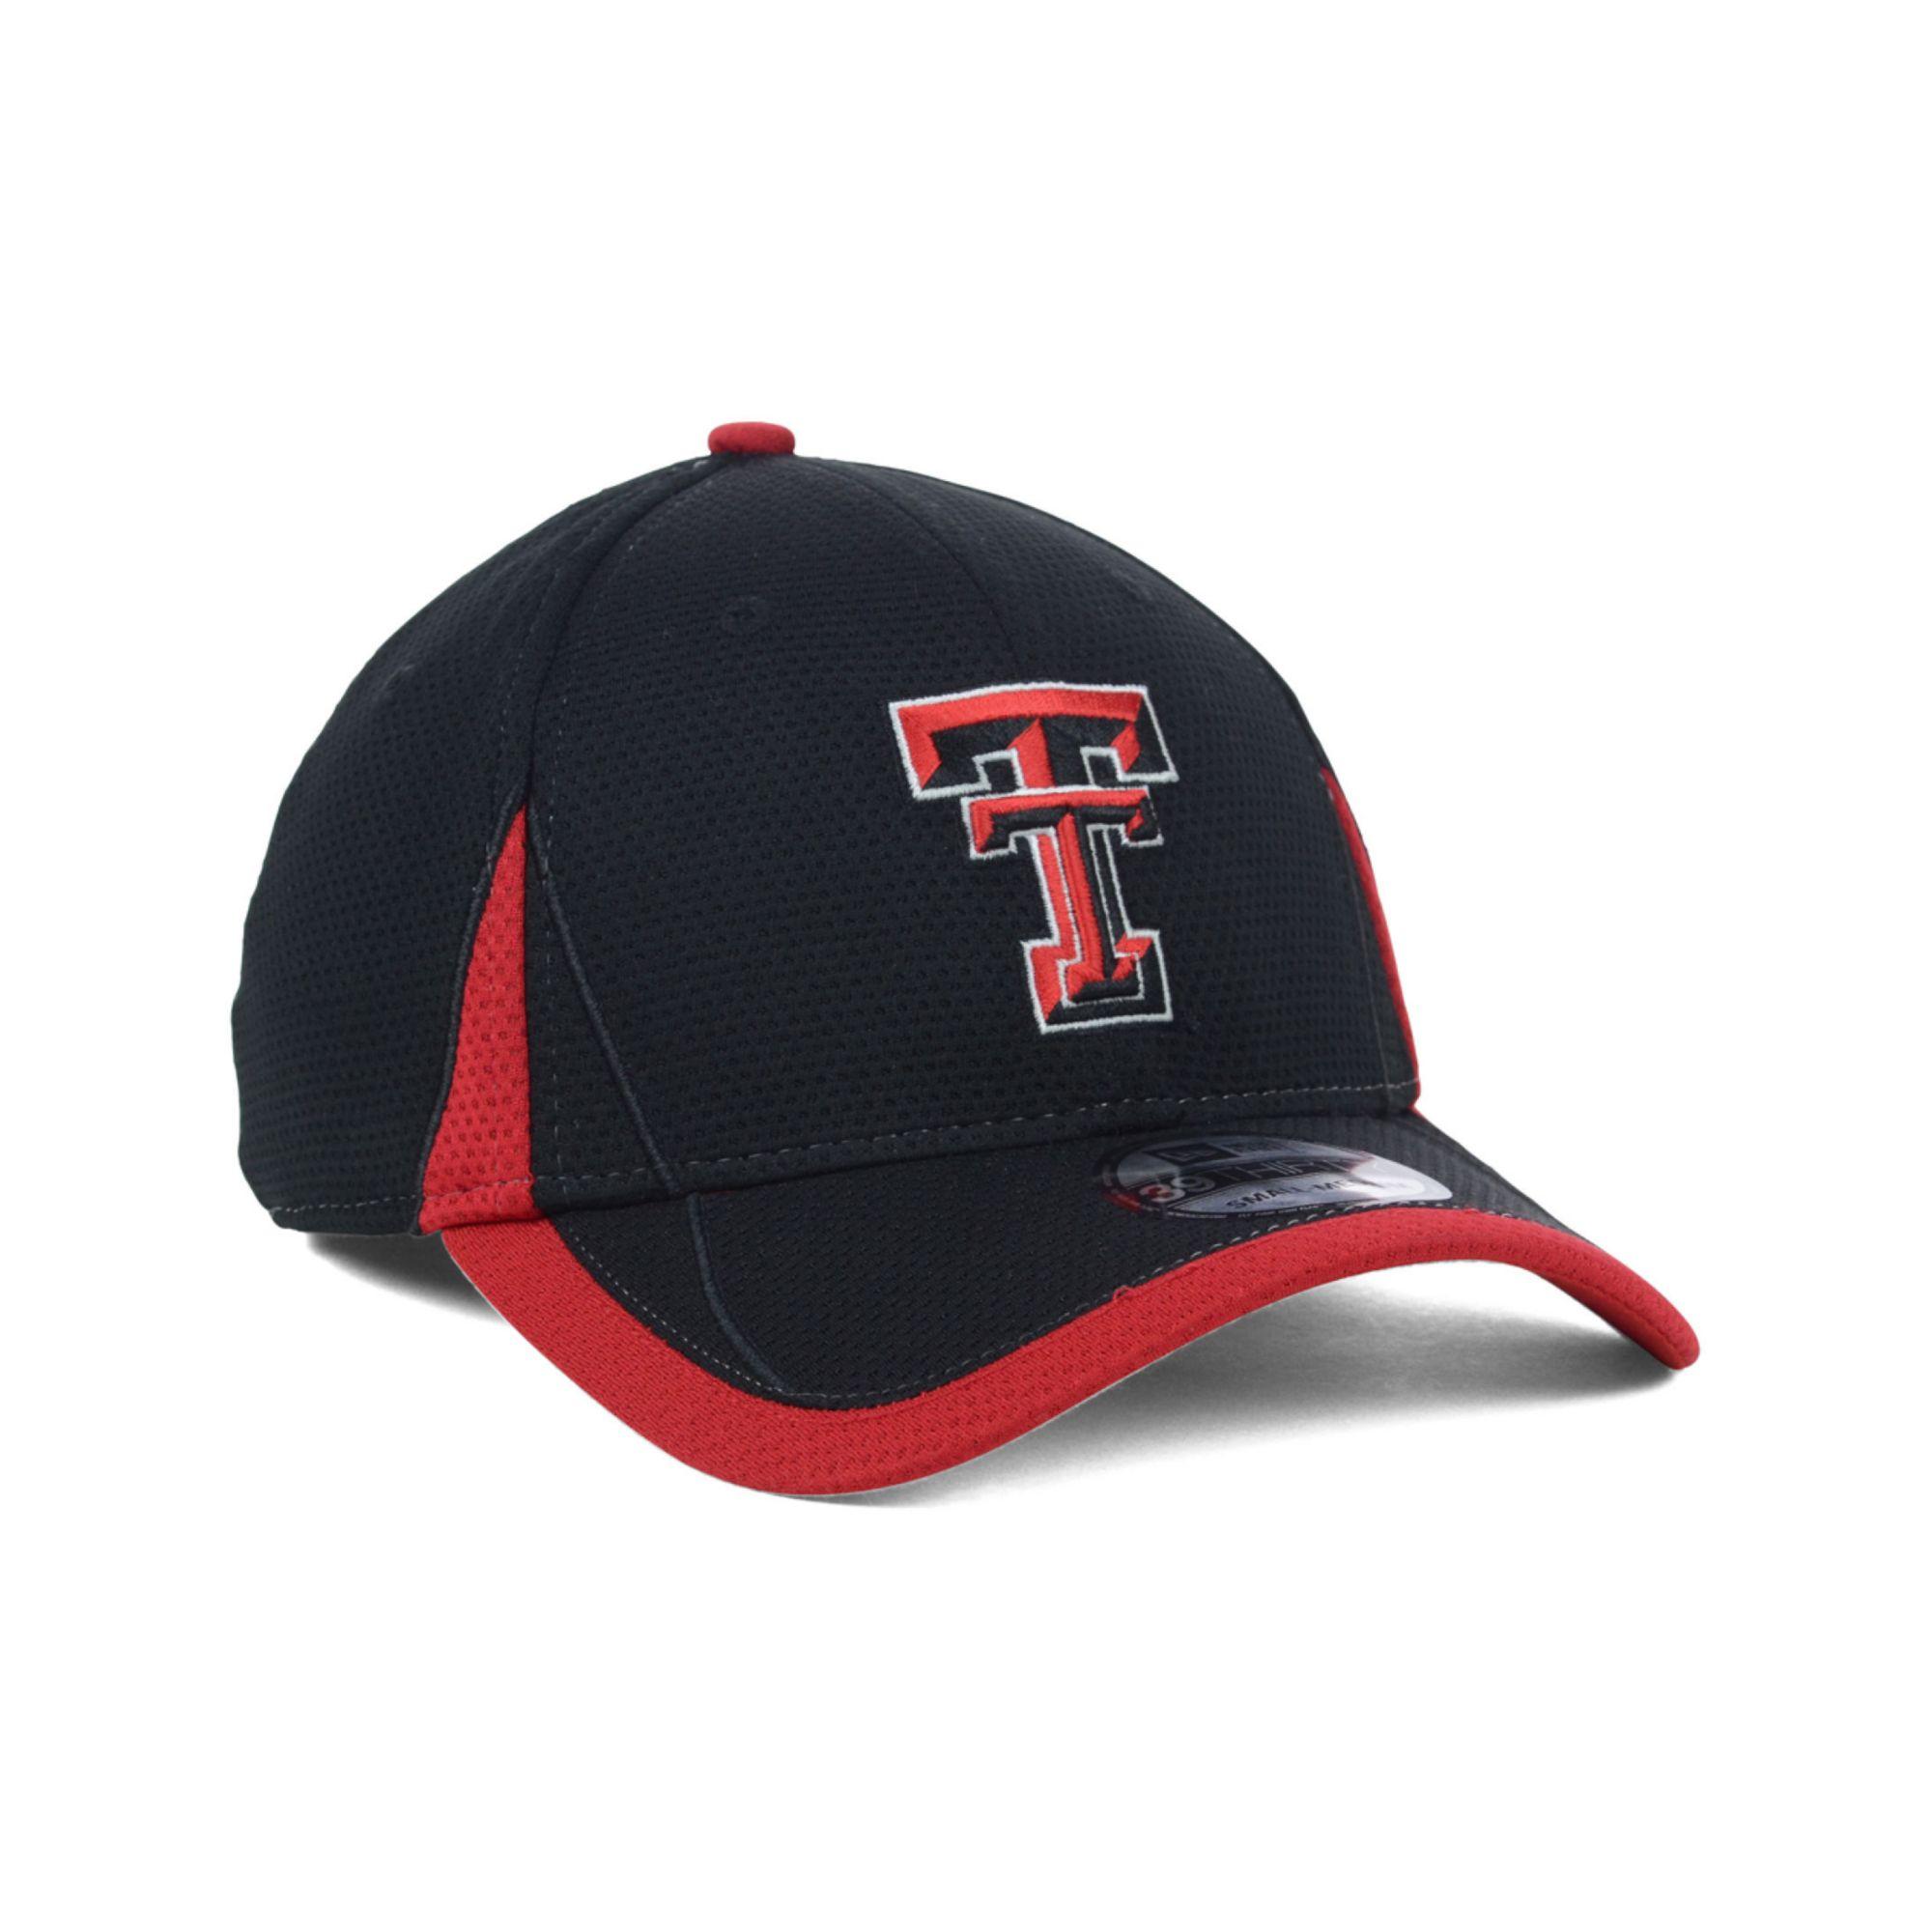 b3927b03ab8d8 Lyst - KTZ Texas Tech Red Raiders Ncaa Training Classic 2 39thirty ...